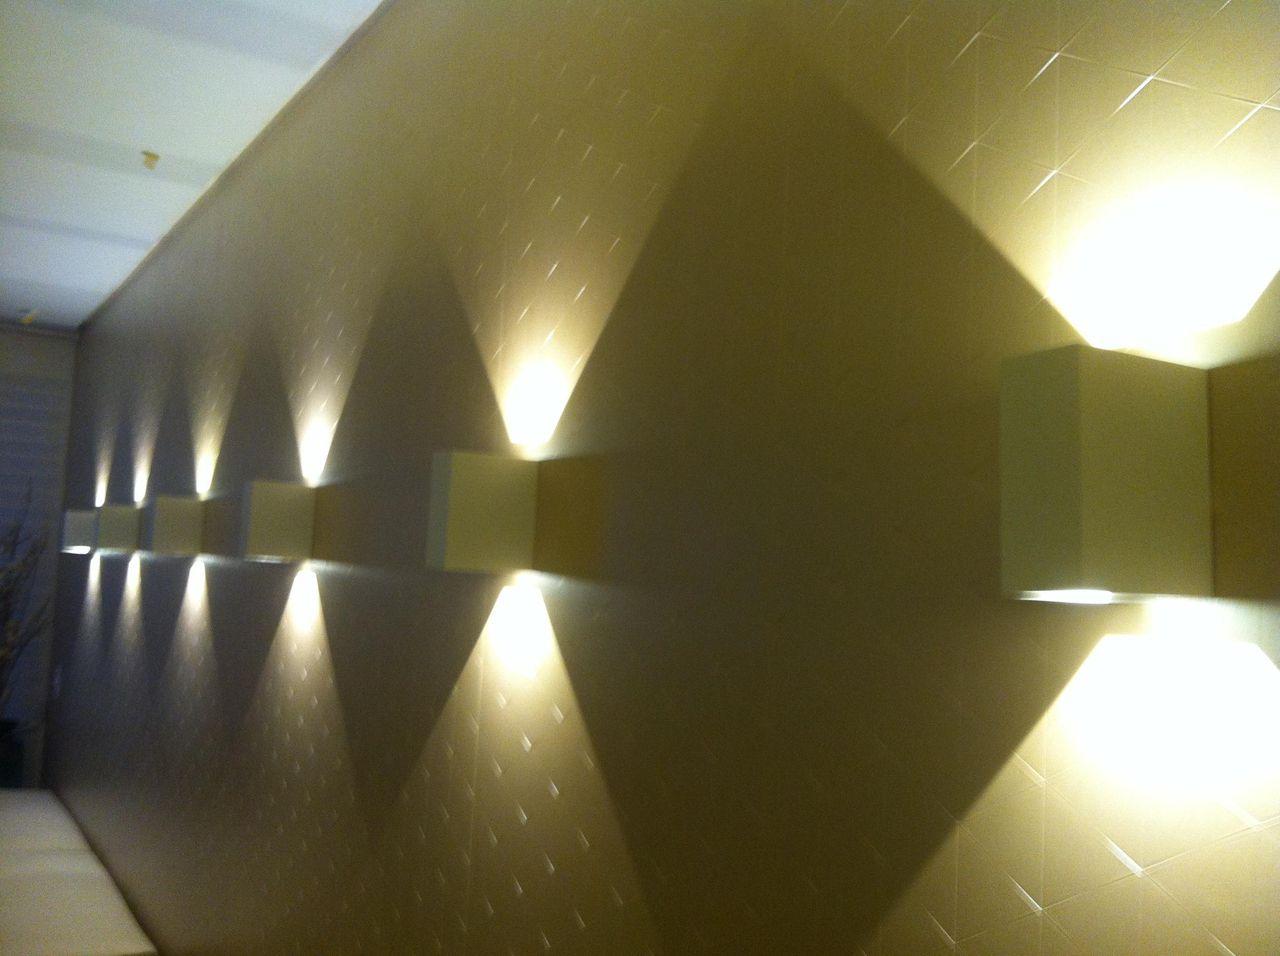 Favoritos Parede com iluminação Fixa de Larissa Vinagre - 44367 no Viva Decora YF07